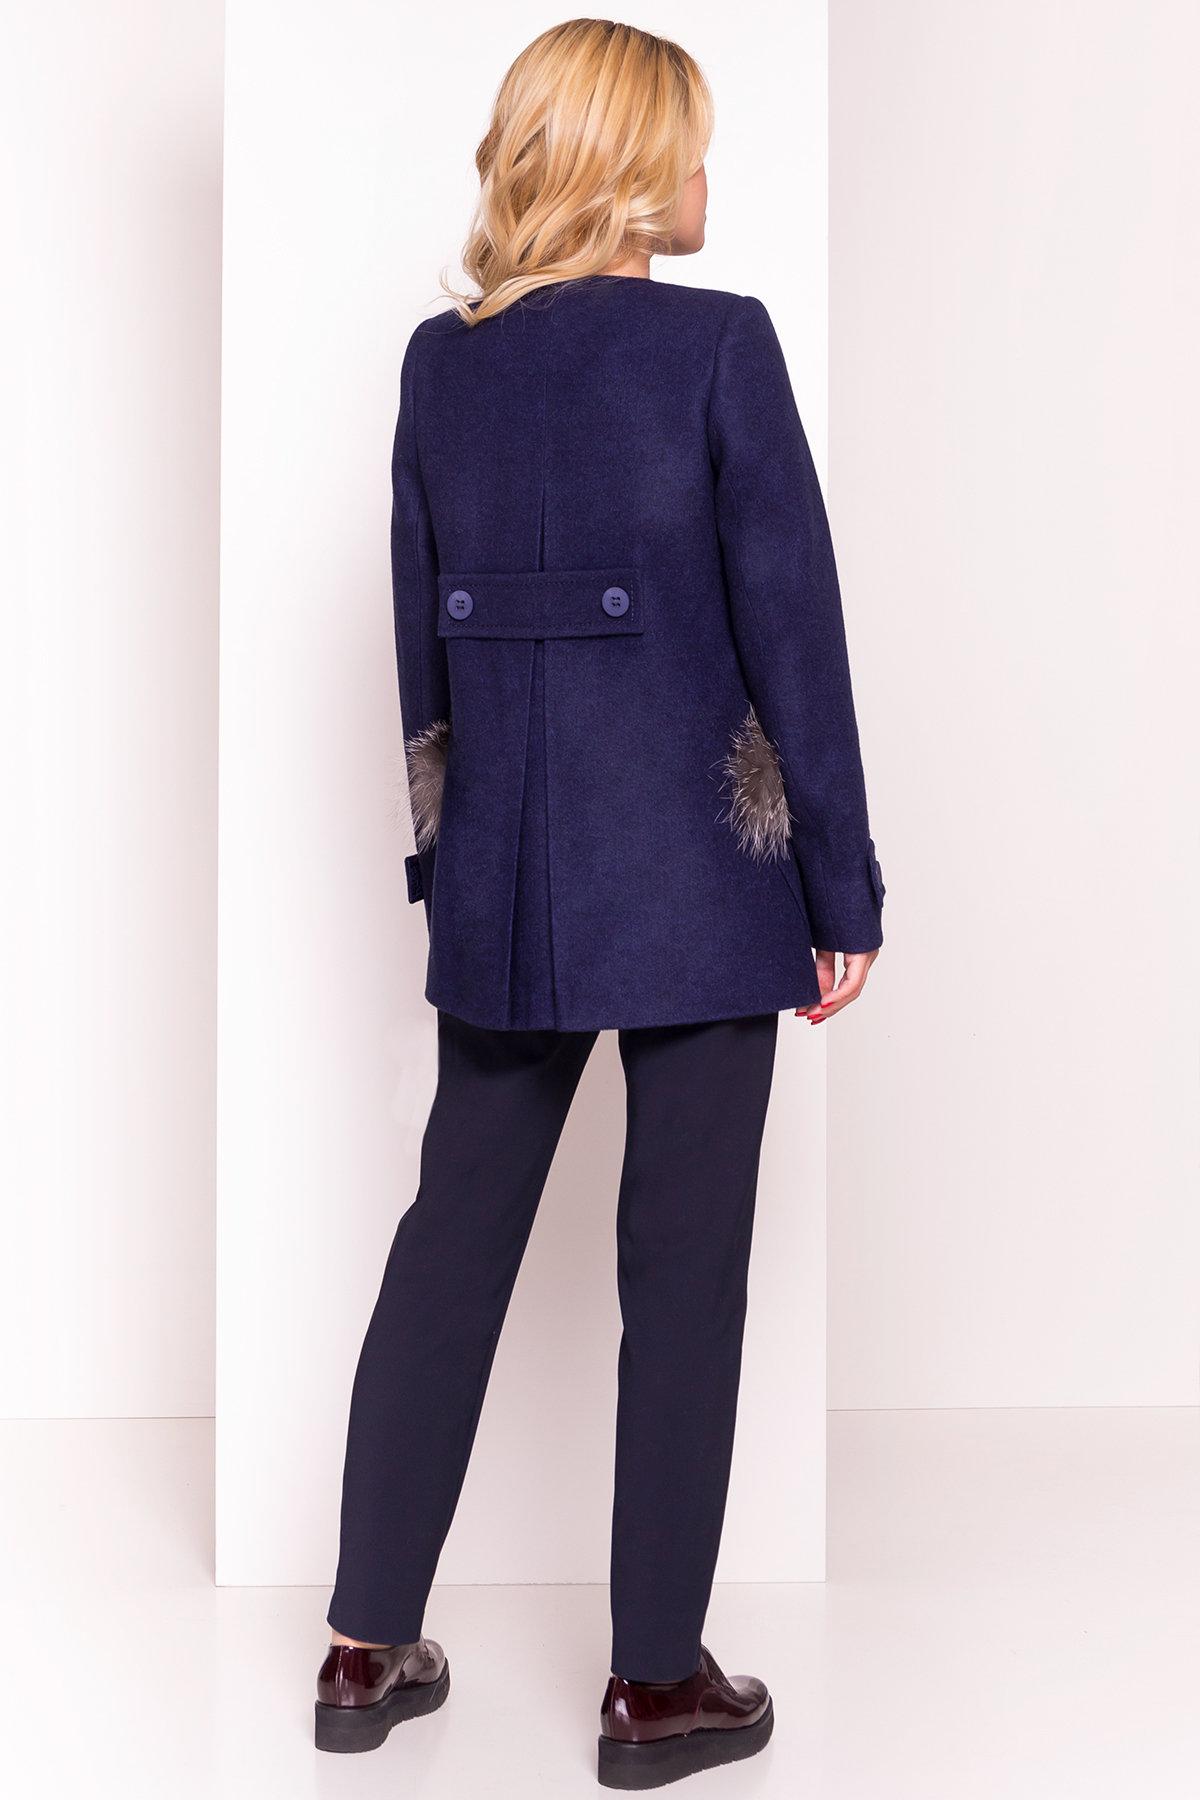 Демисезонное пальто трапеция в расцветках Латте 5429 АРТ. 36672 Цвет: Темно-синий 17 - фото 5, интернет магазин tm-modus.ru